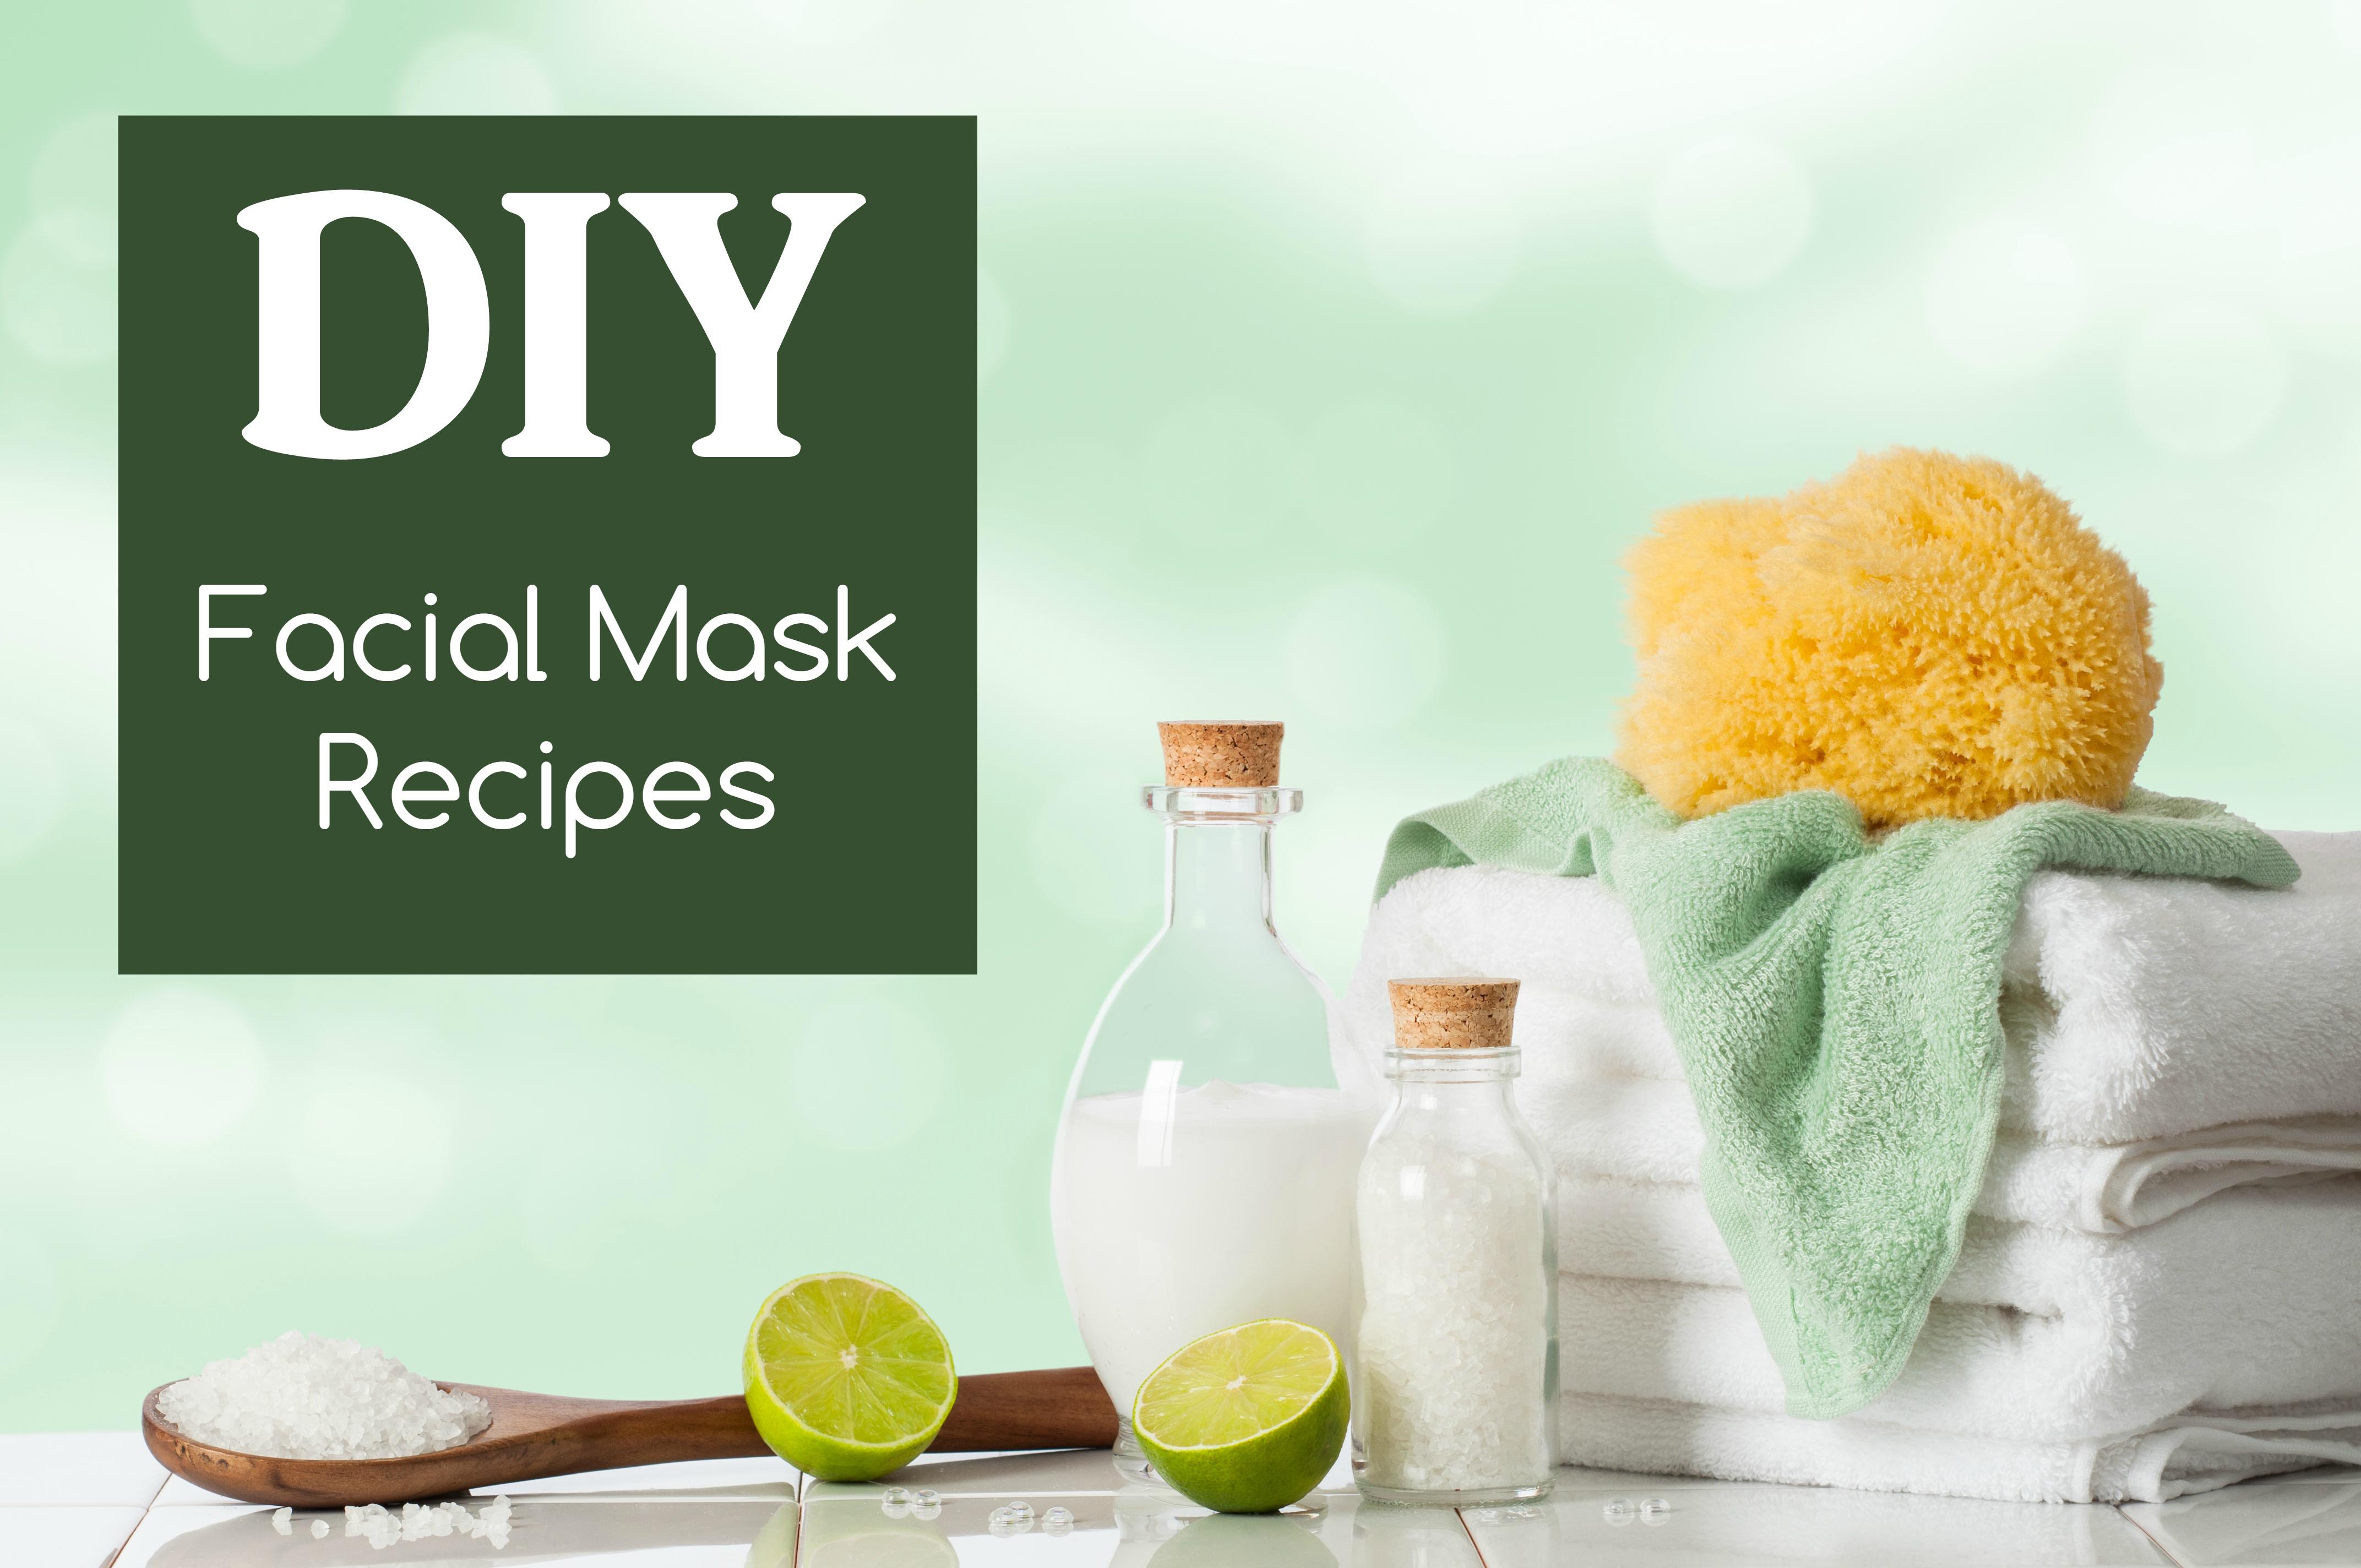 Food facial mask